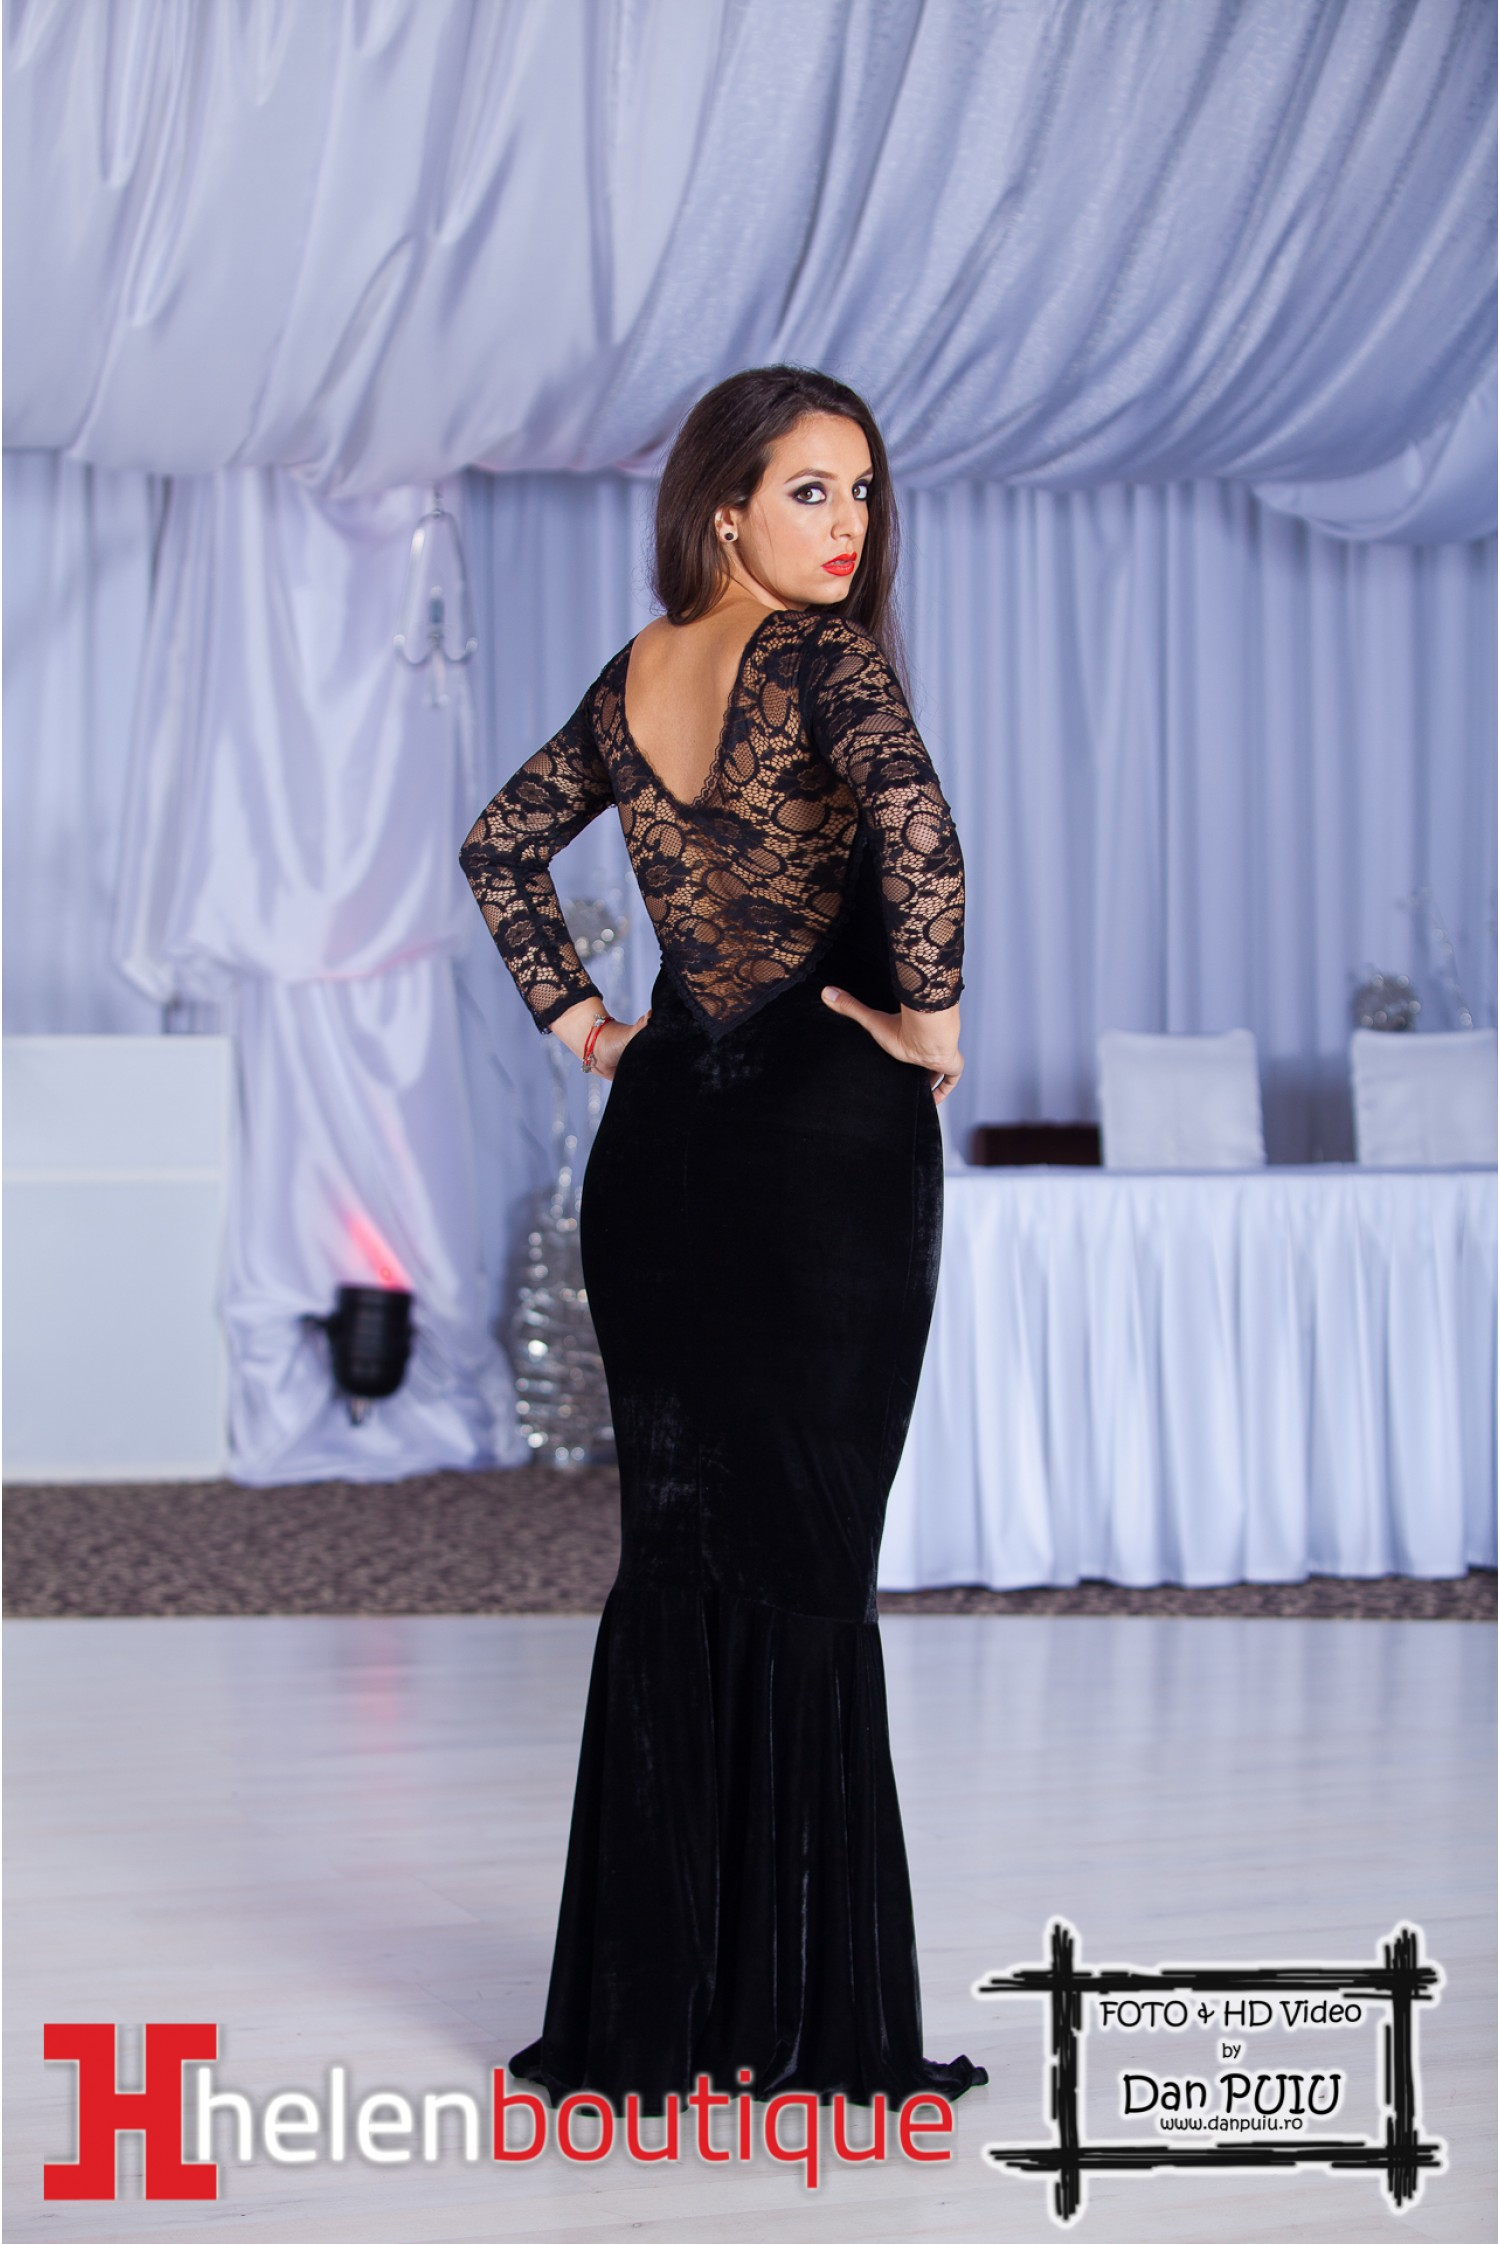 Arata bine intre-o rochie neagra simpla